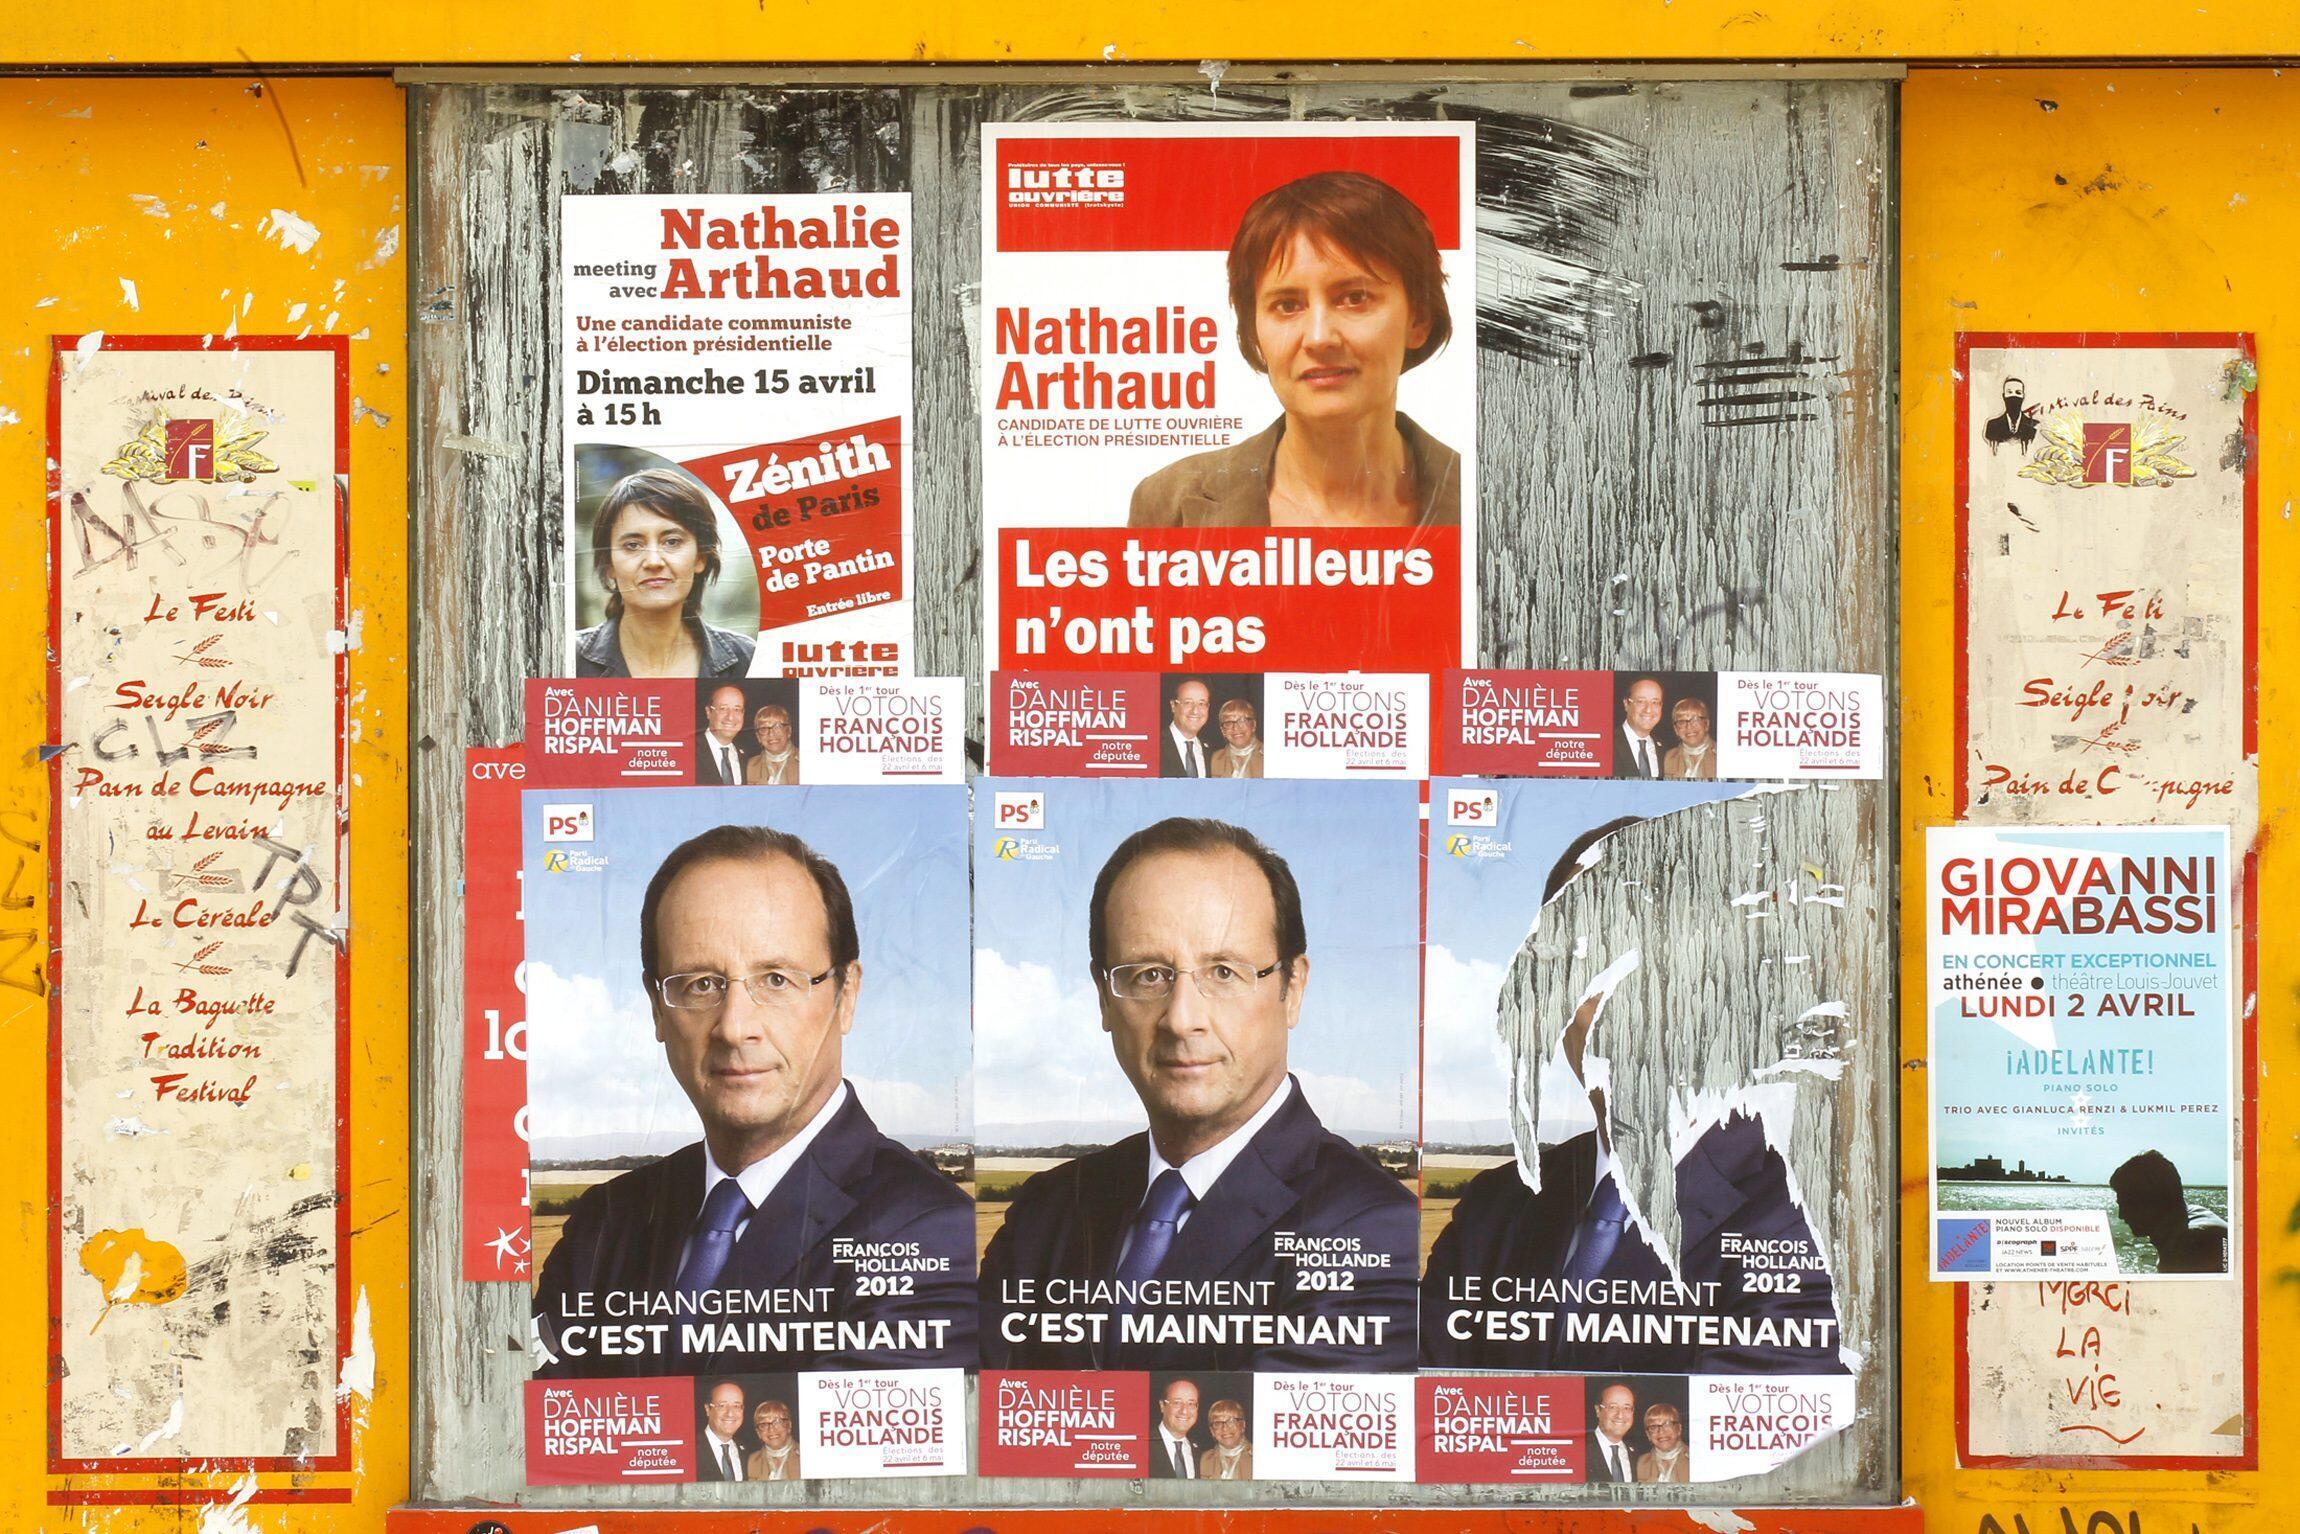 Elecciones presidenciales 2012: carteles de la campaña electoral en Francia.